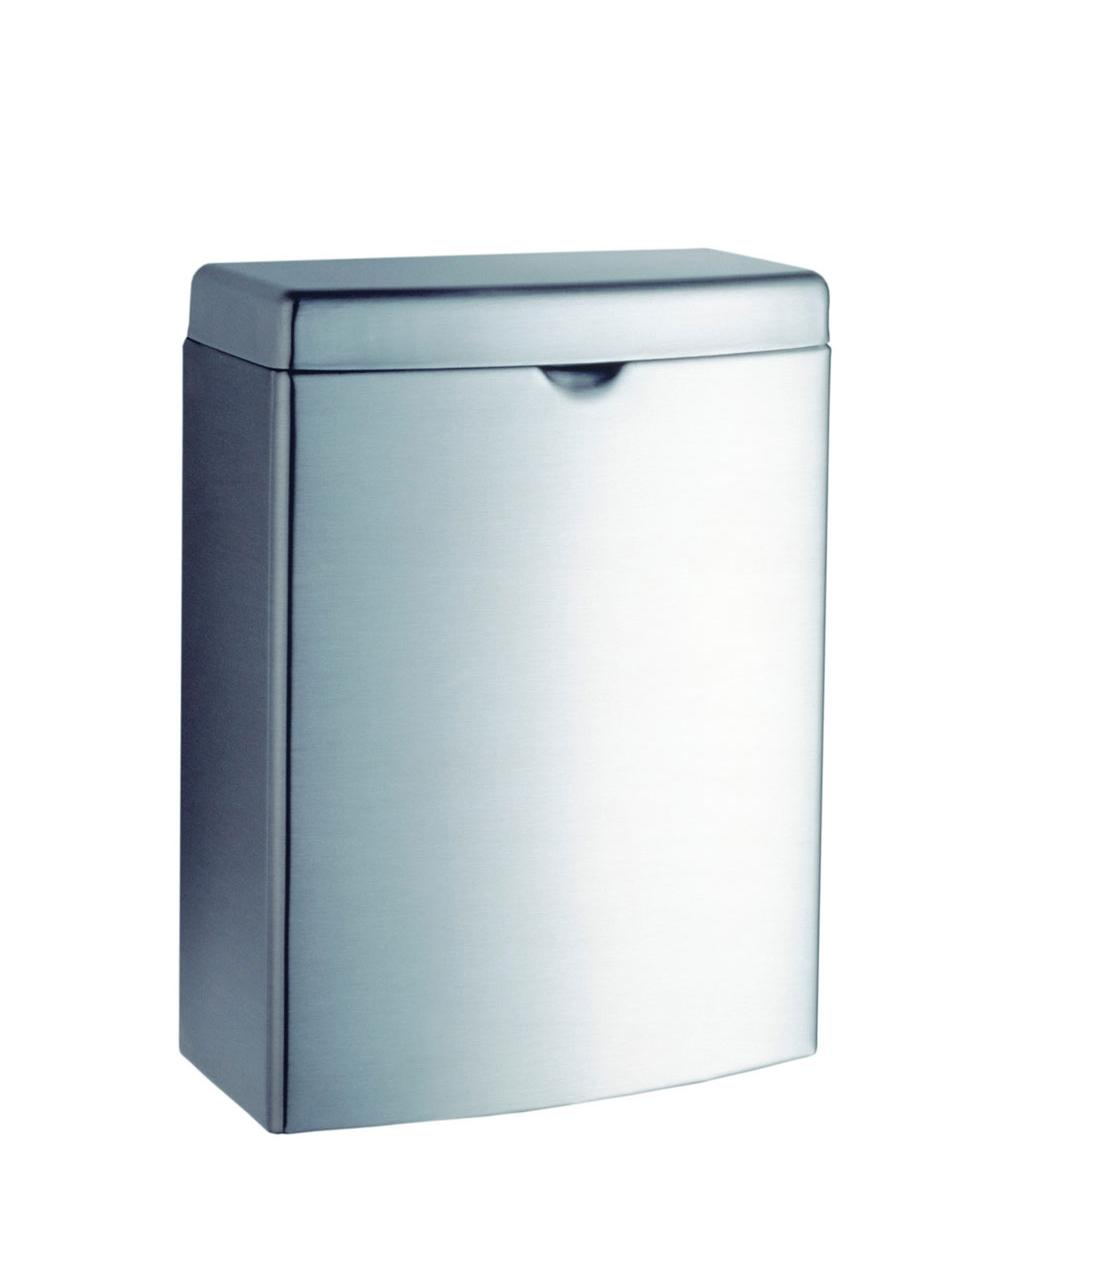 Gamco ND-1 Surface Mounted Sanitary Napkin Disposal